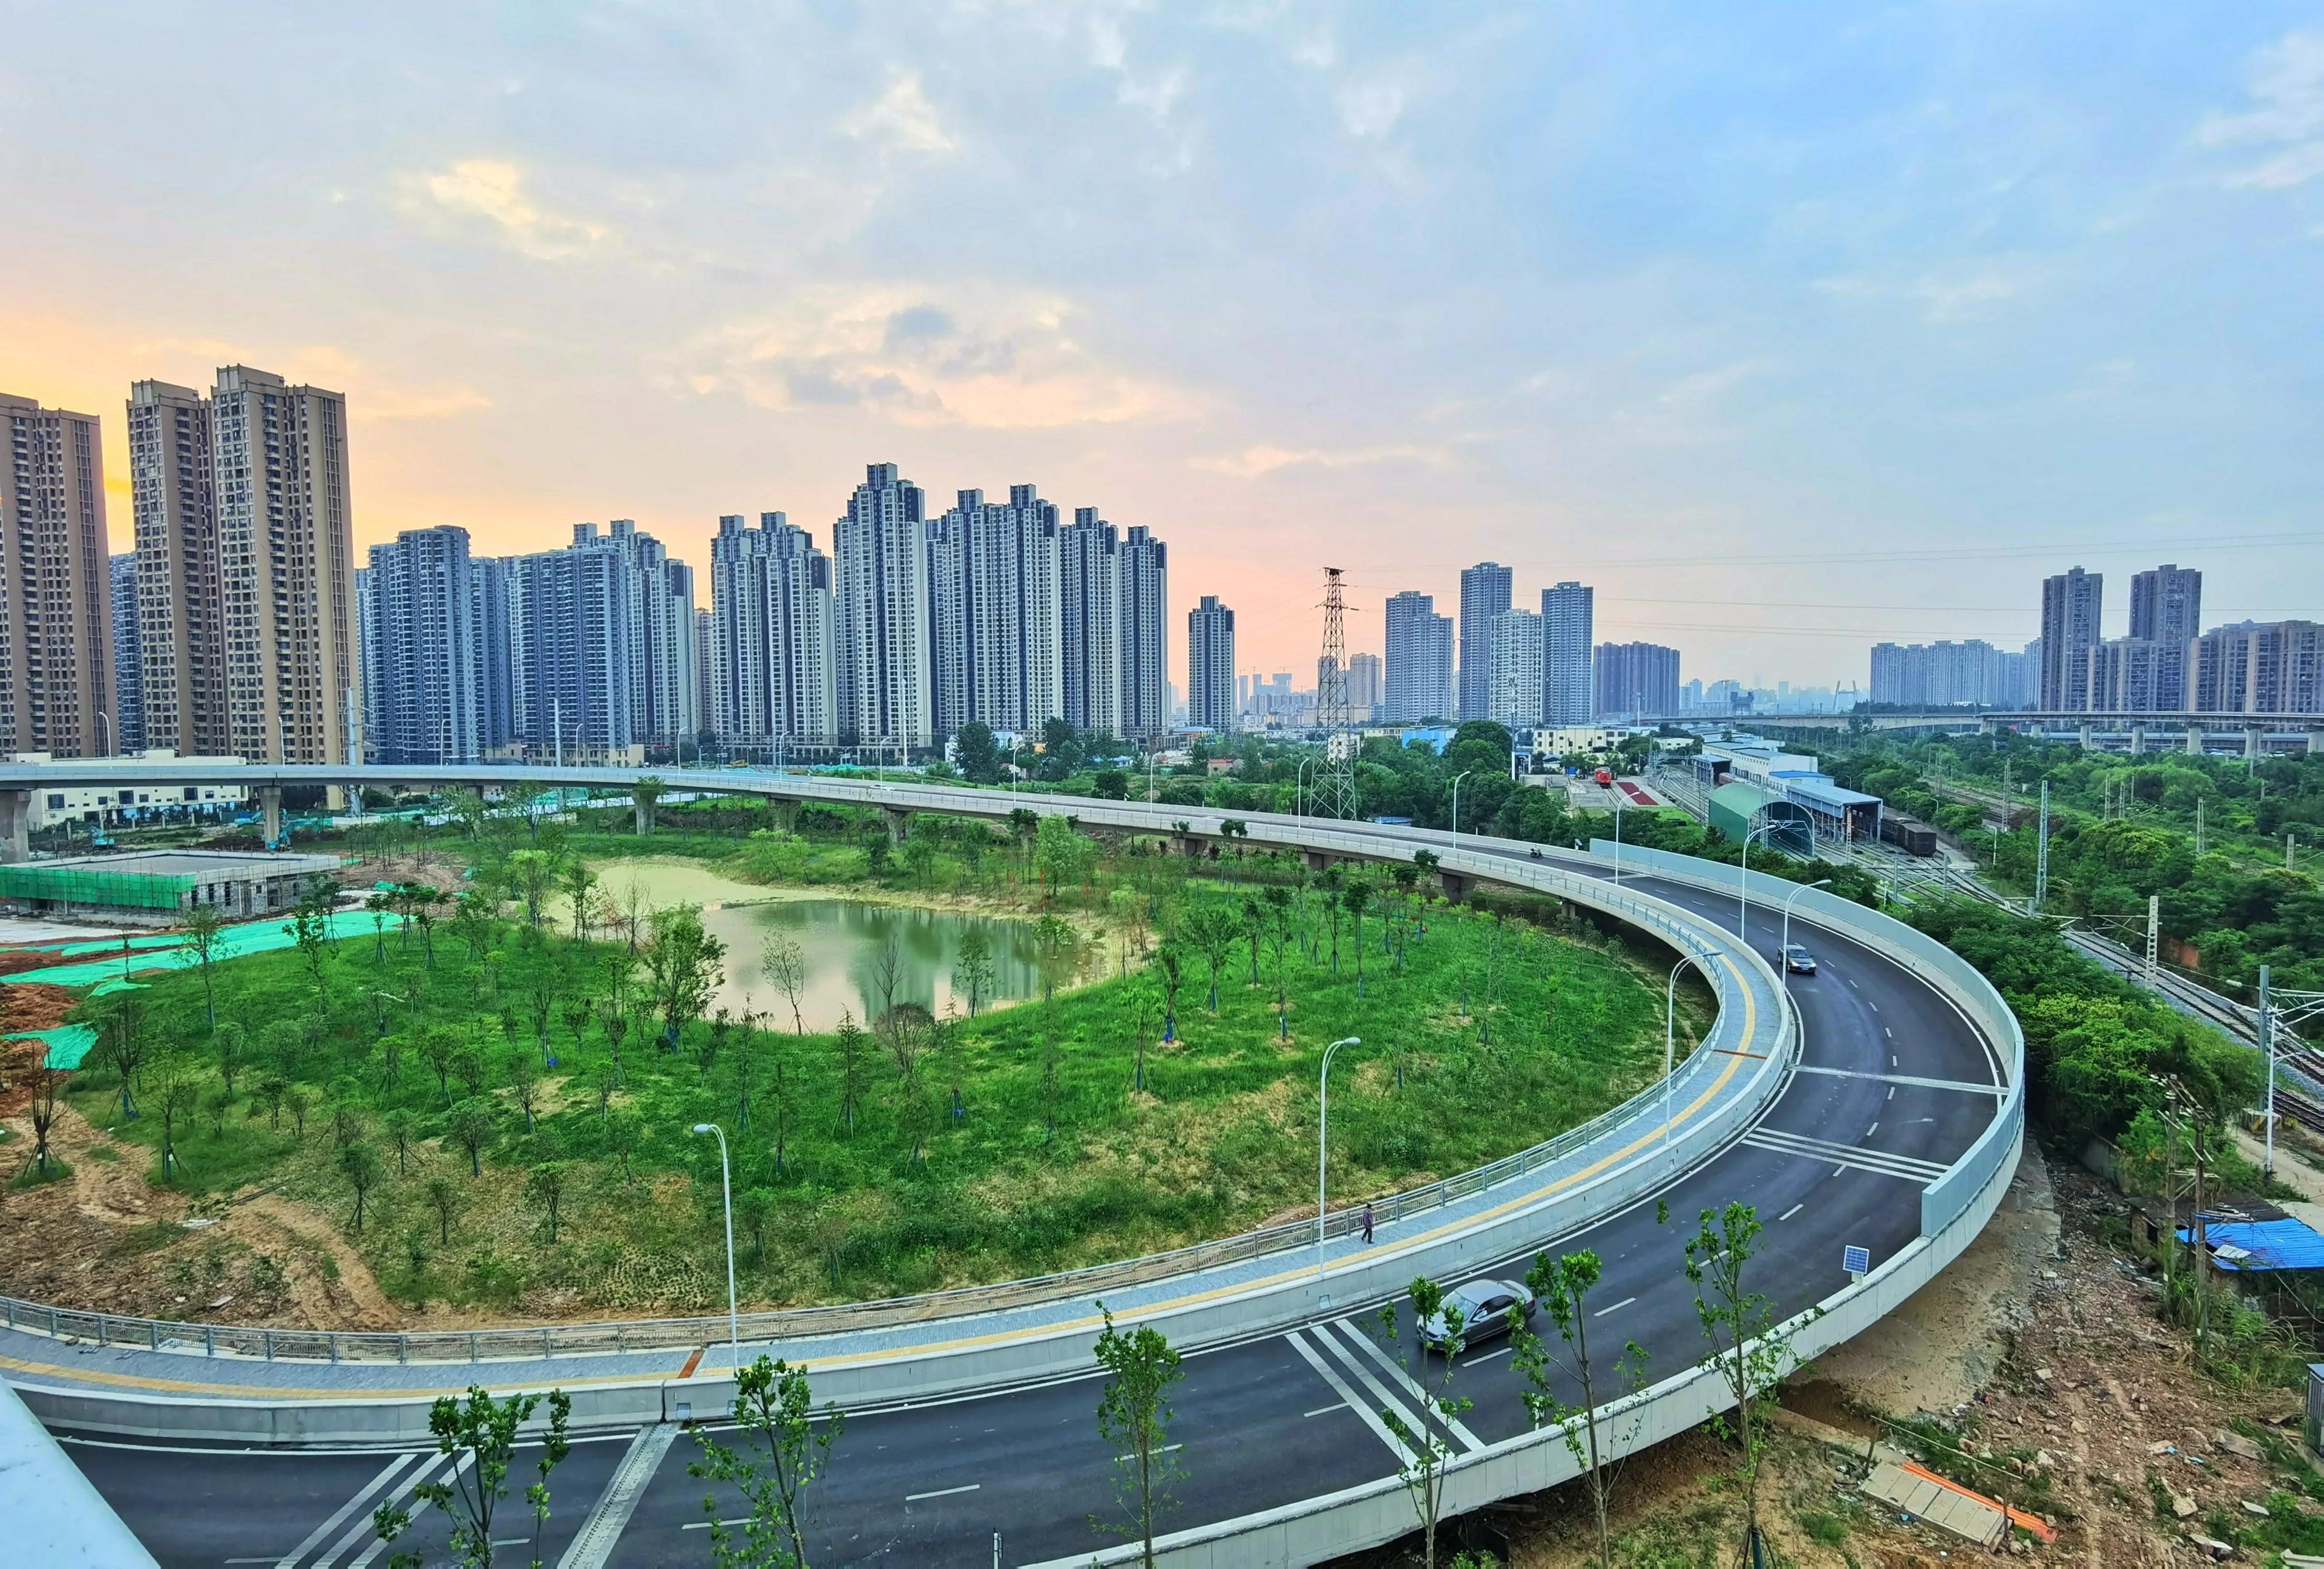 再访武汉白沙洲,变化真大,宜居新城正在慢慢形成